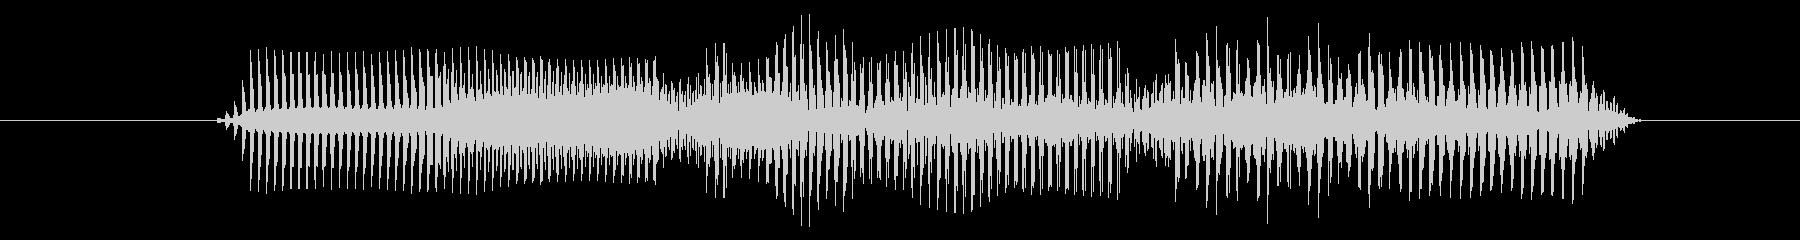 下降音 決定 選択 タララ トゥルルの未再生の波形